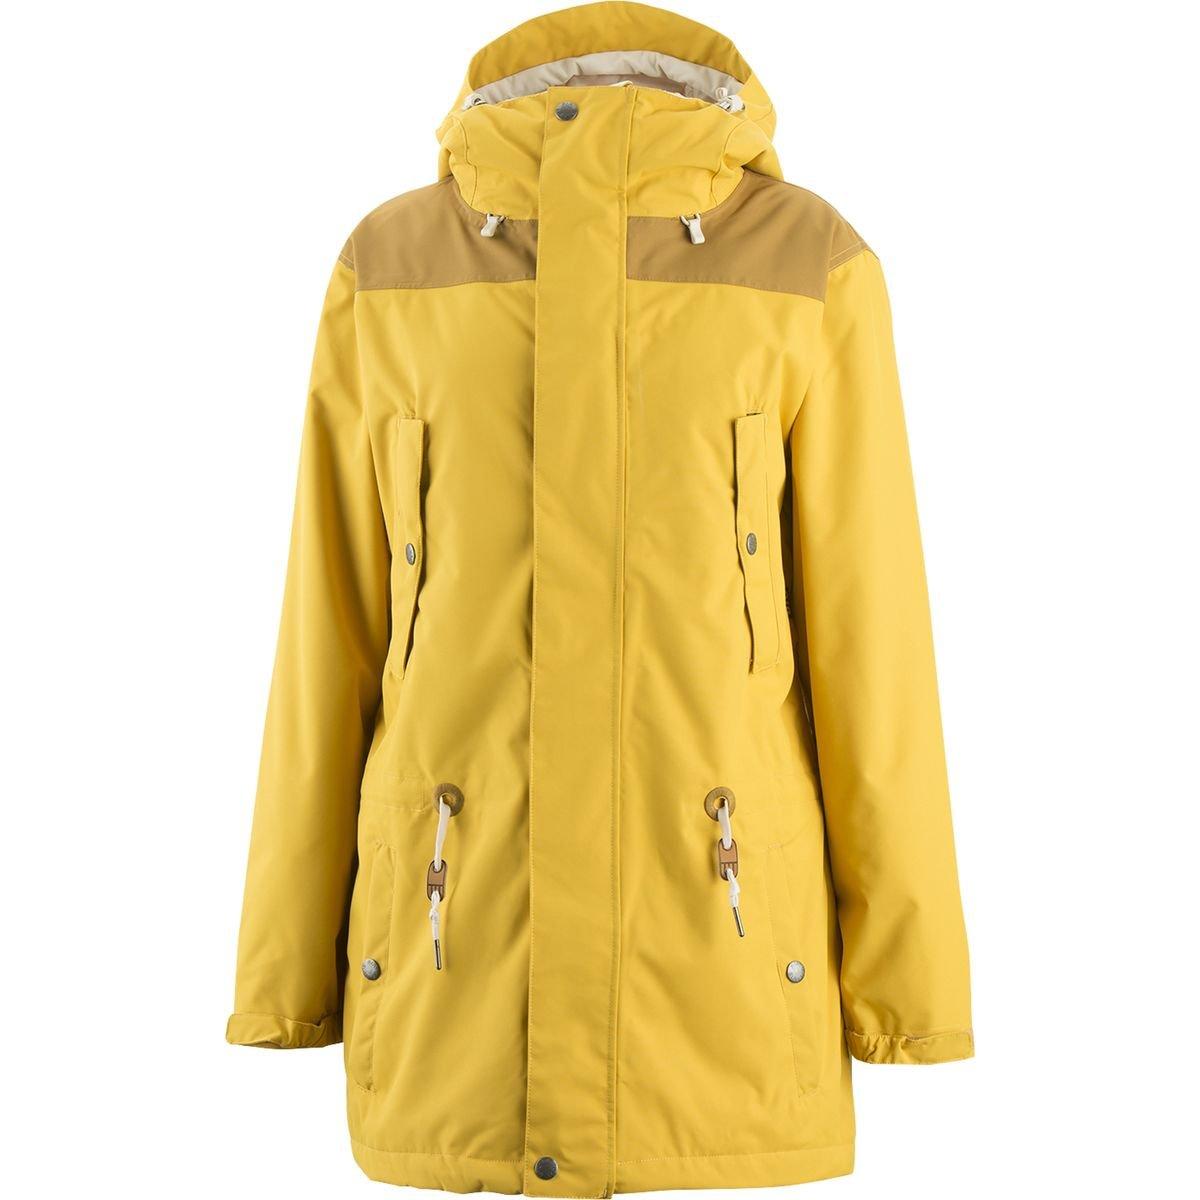 Damen Snowboard Jacke Airblaster Lady Storm Cloak Jacket online bestellen